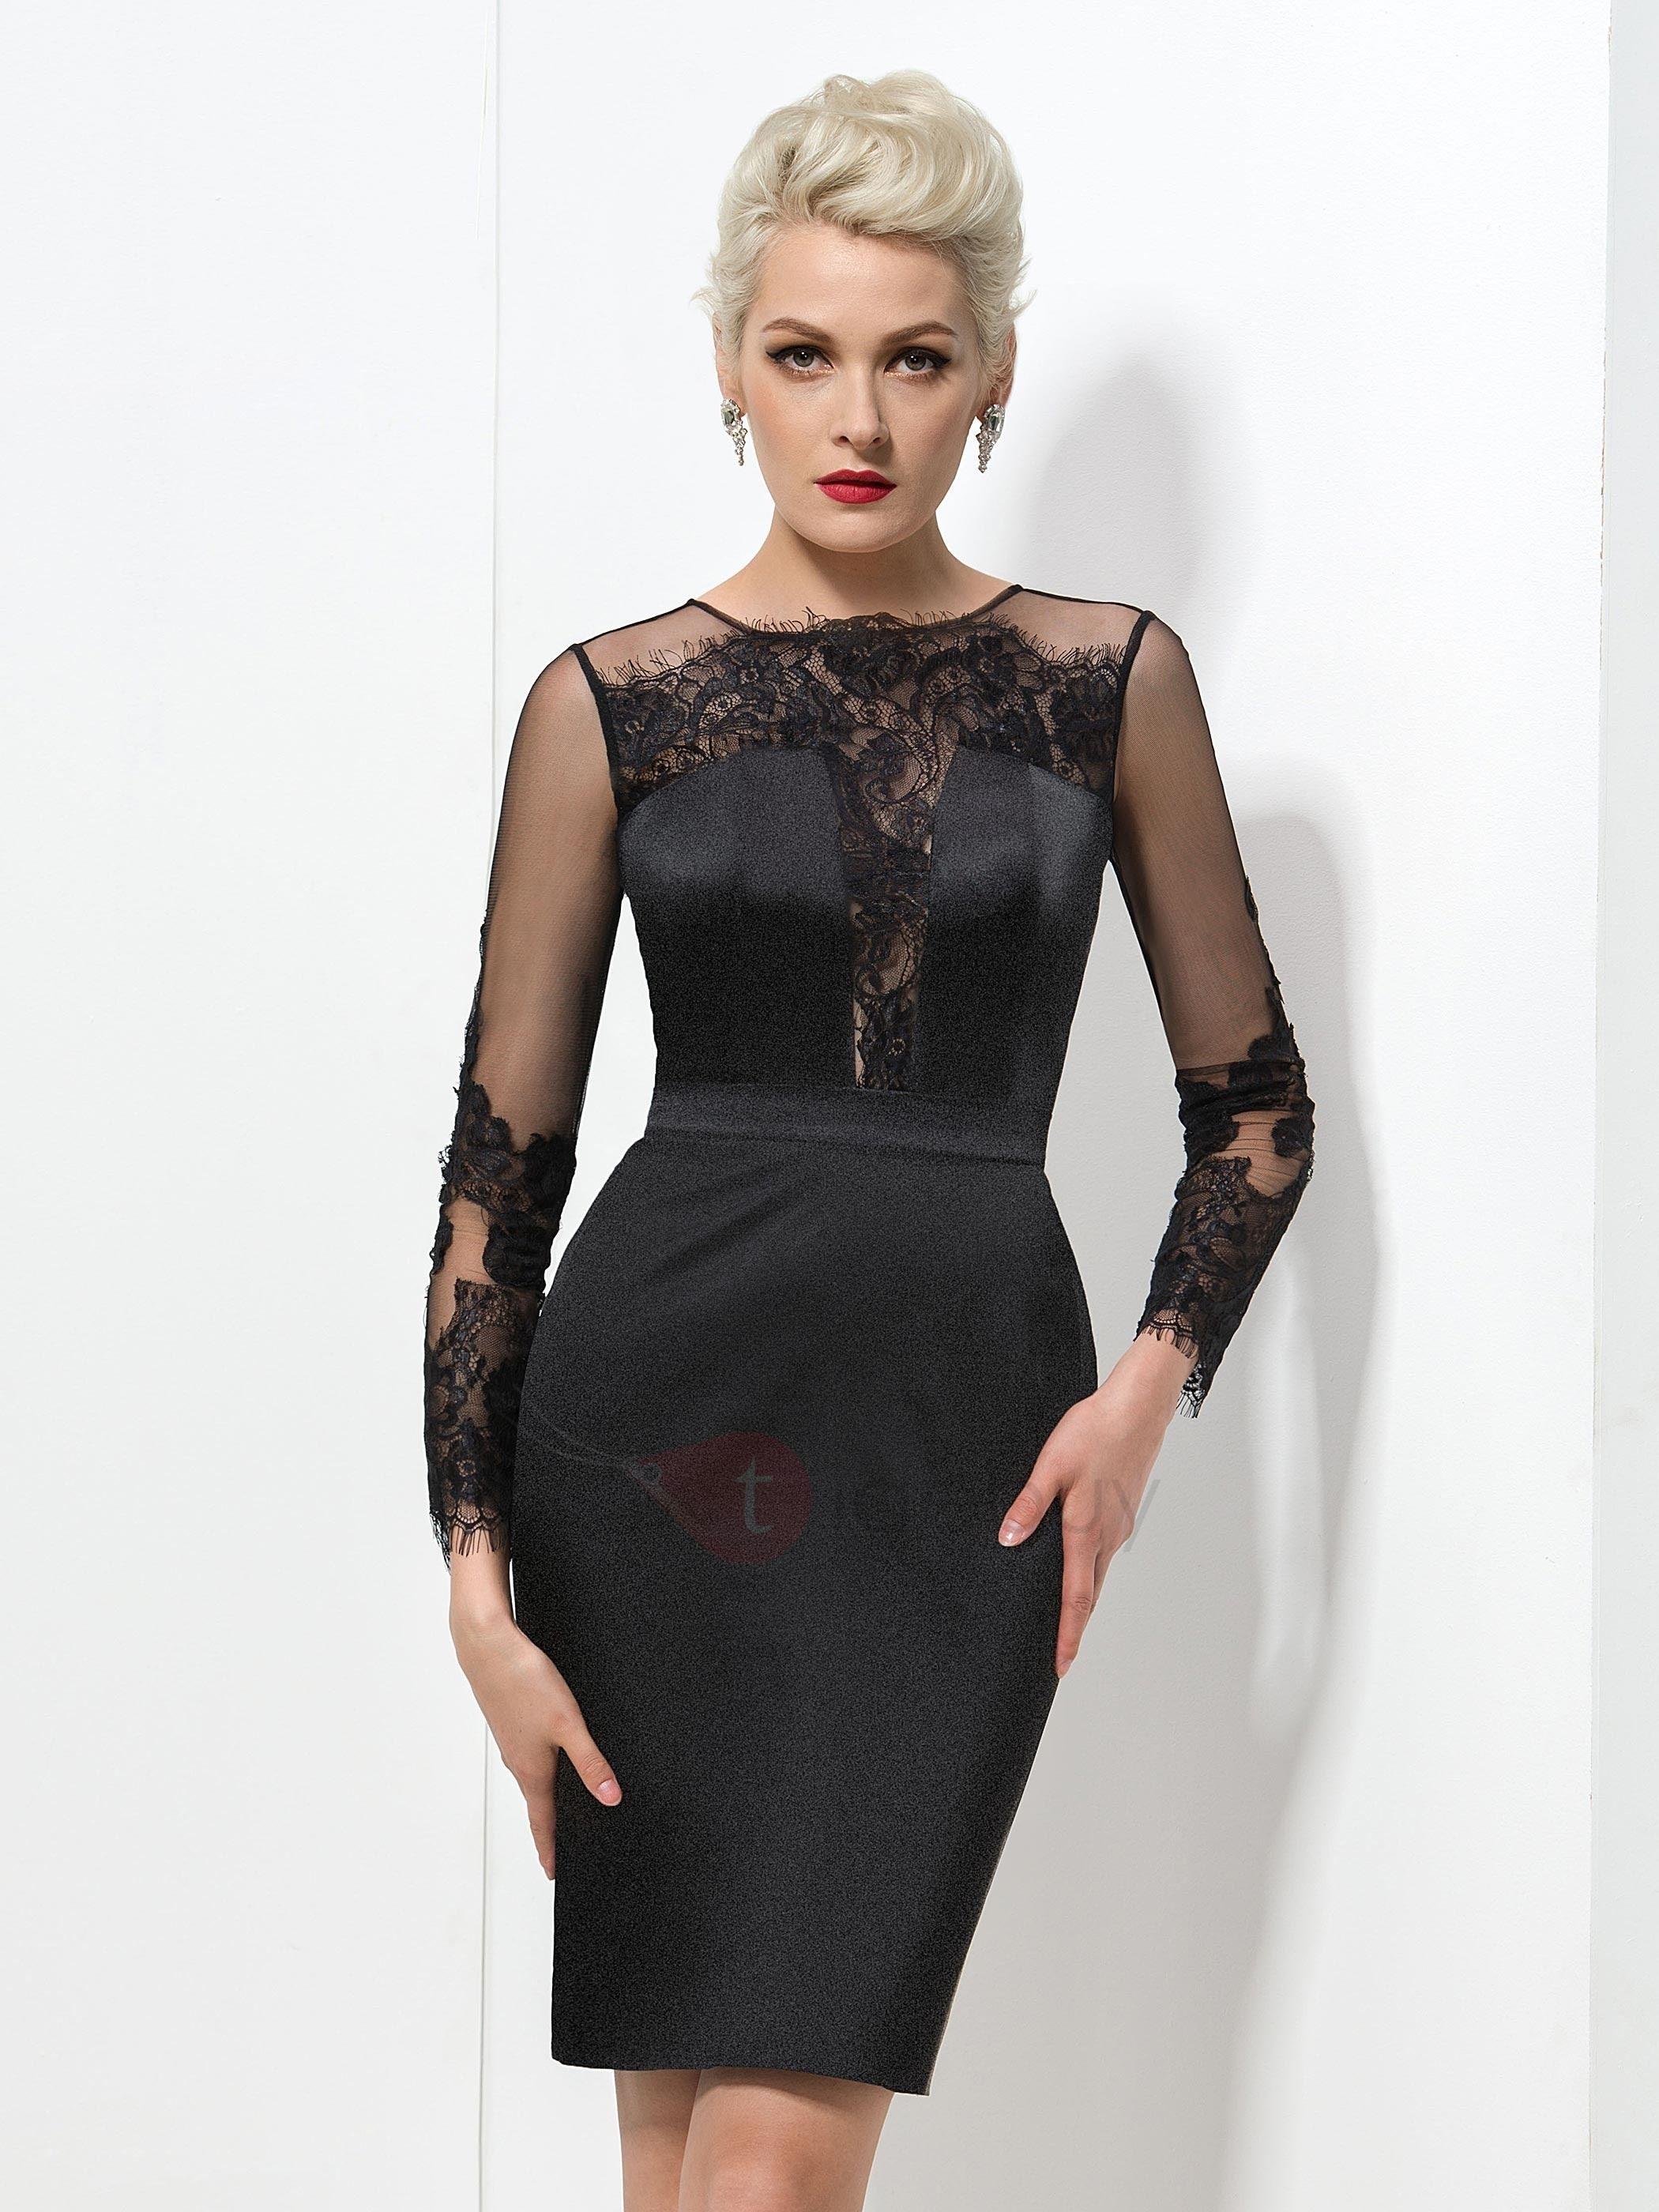 Abend Ausgezeichnet Schwarzes Kleid Mit Spitze Langarm für 201913 Erstaunlich Schwarzes Kleid Mit Spitze Langarm Spezialgebiet